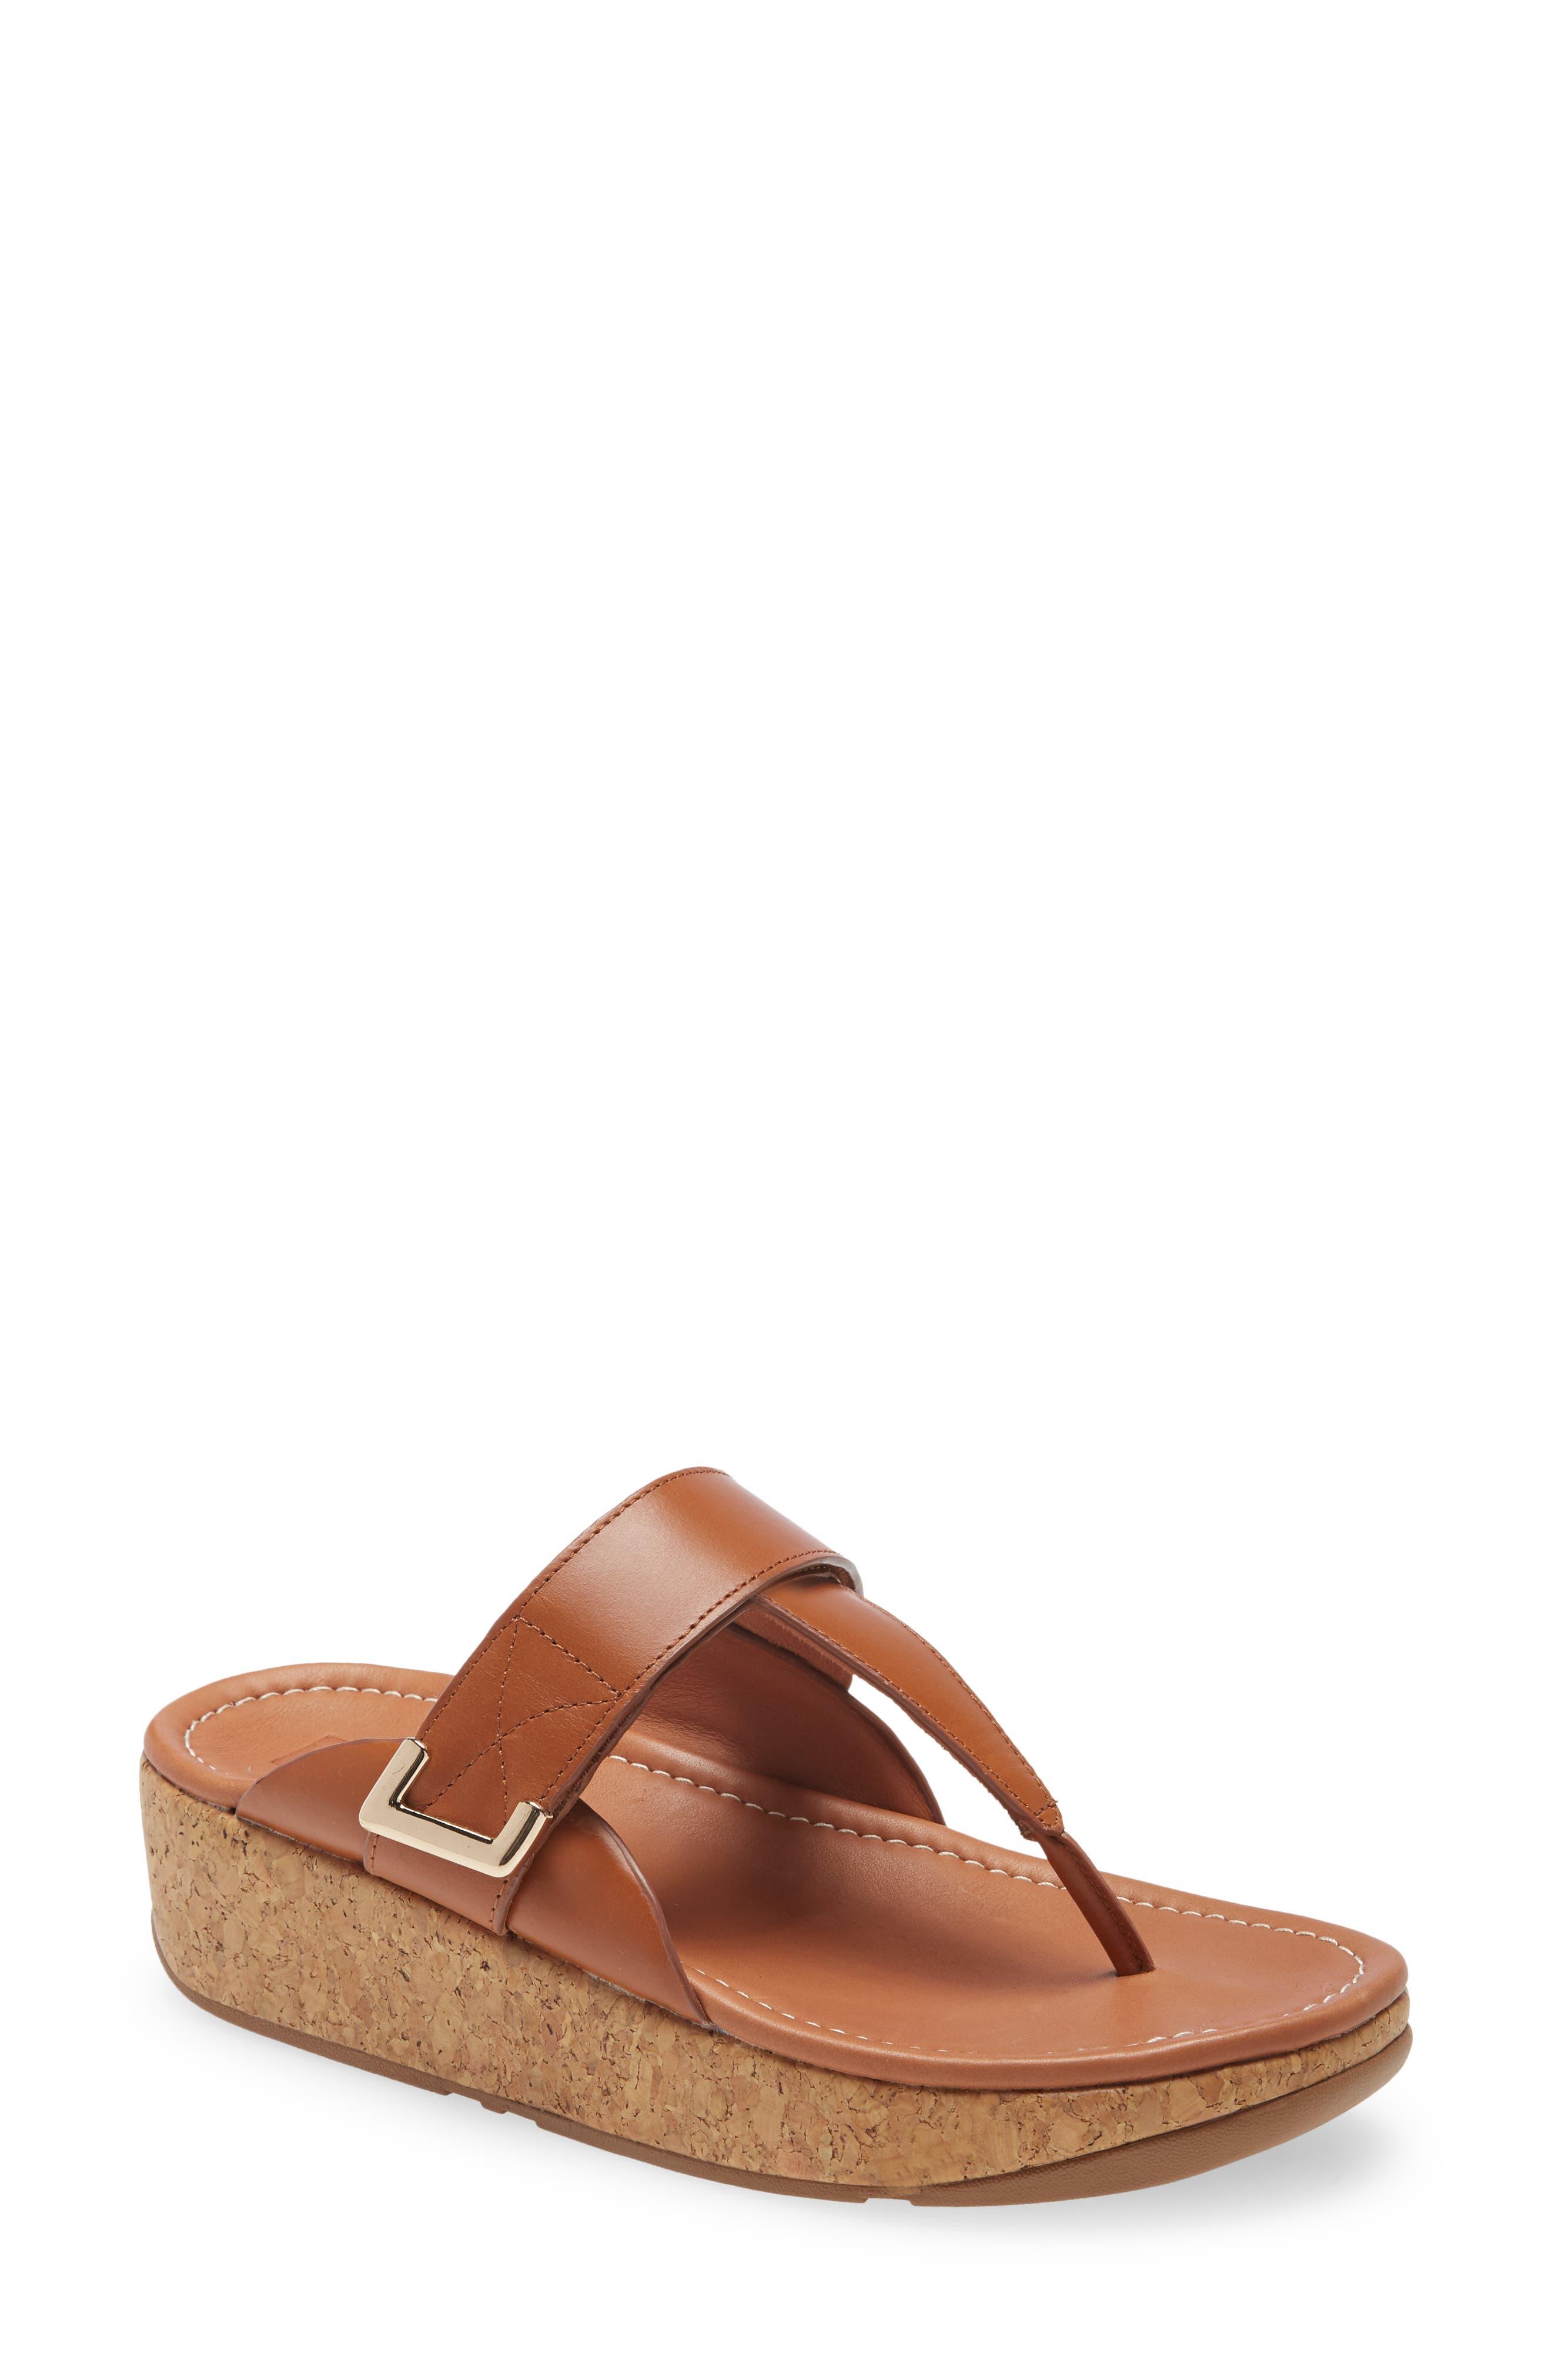 Remi Toe Post Sandal